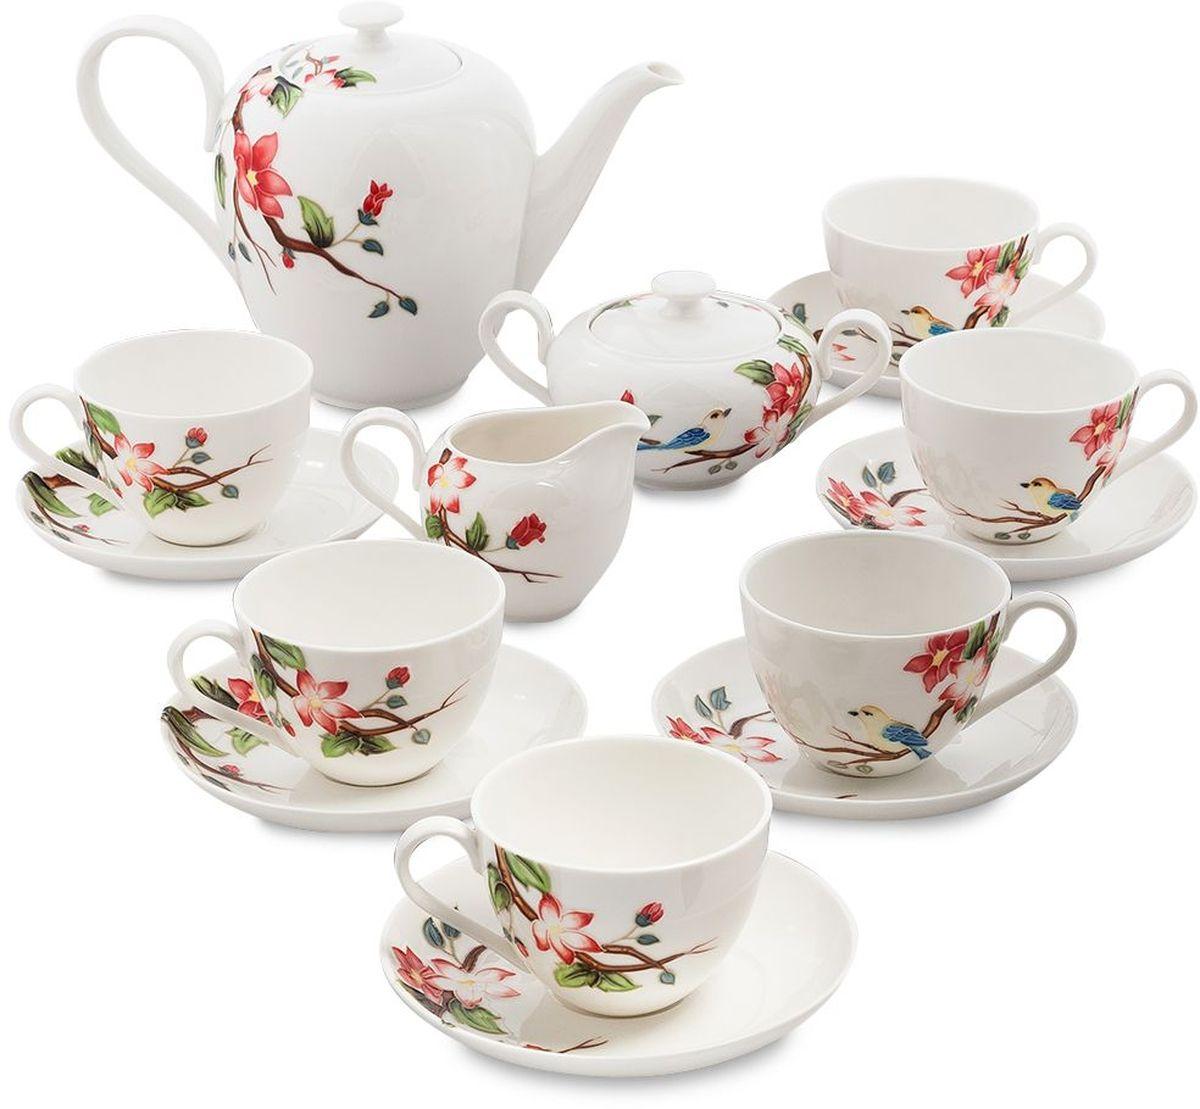 Сервиз чайный Pavone Райская птица, 15 предметов. 451595451595Объем чайника: 1,4 лОбъем сахарницы: 350 мл Объем молочника: 200 мл Объем чашки: 250 млДиаметр блюдца: 15 см.